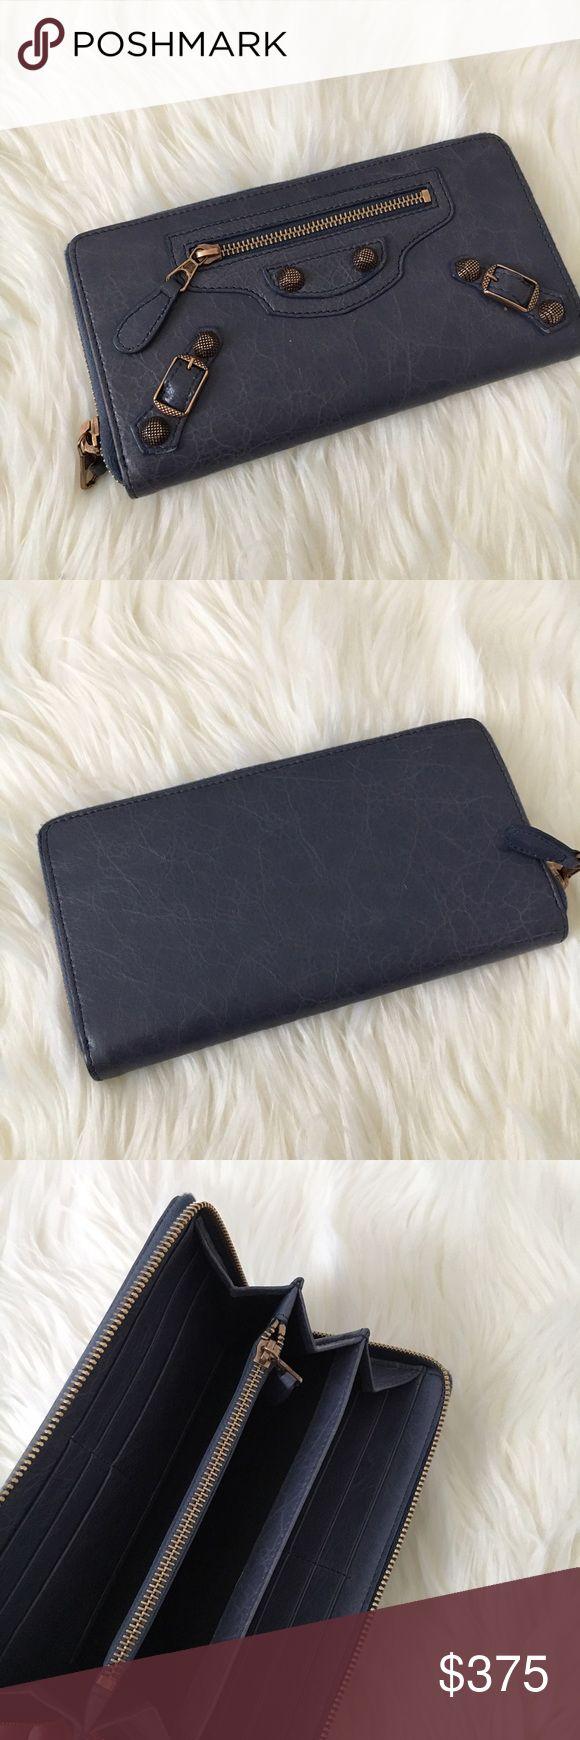 Balenciaga Wallet More details available soon Balenciaga Bags Wallets